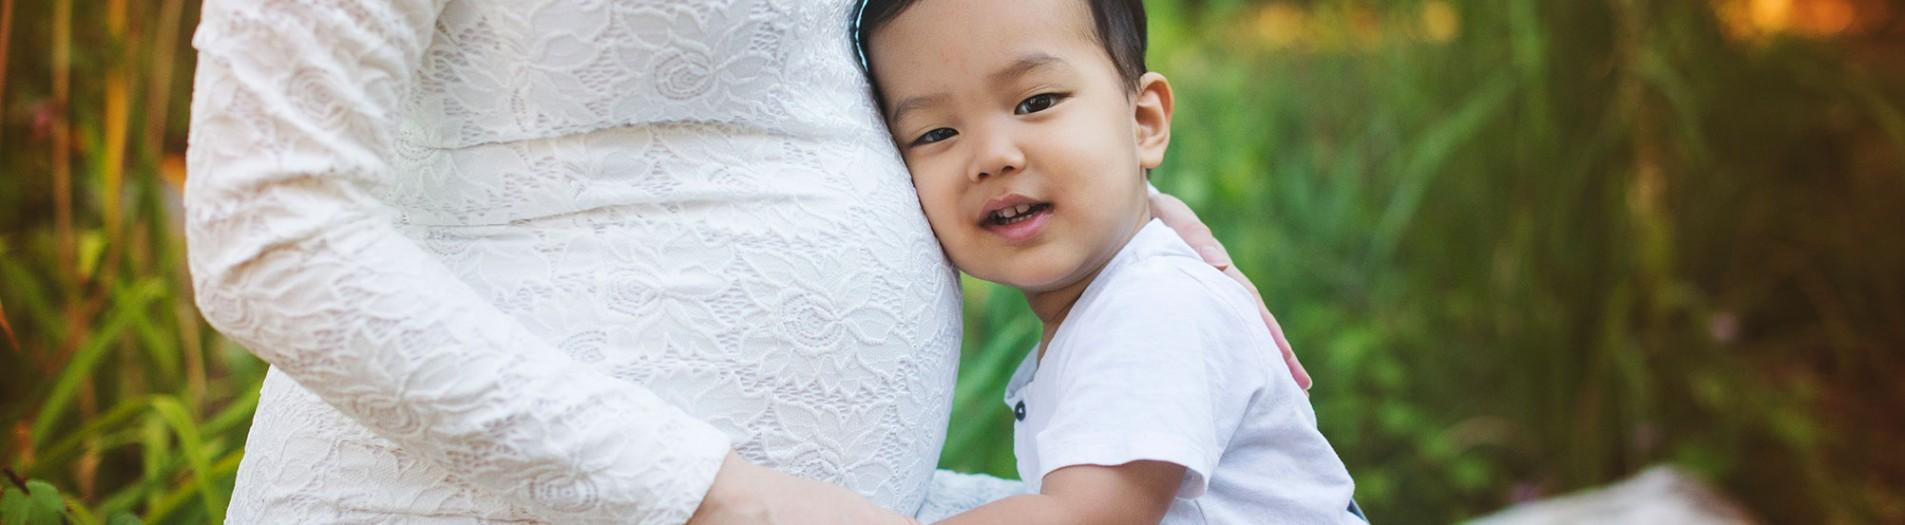 The Cho Family | Jersey City, NJ, Family & Maternity Photographer